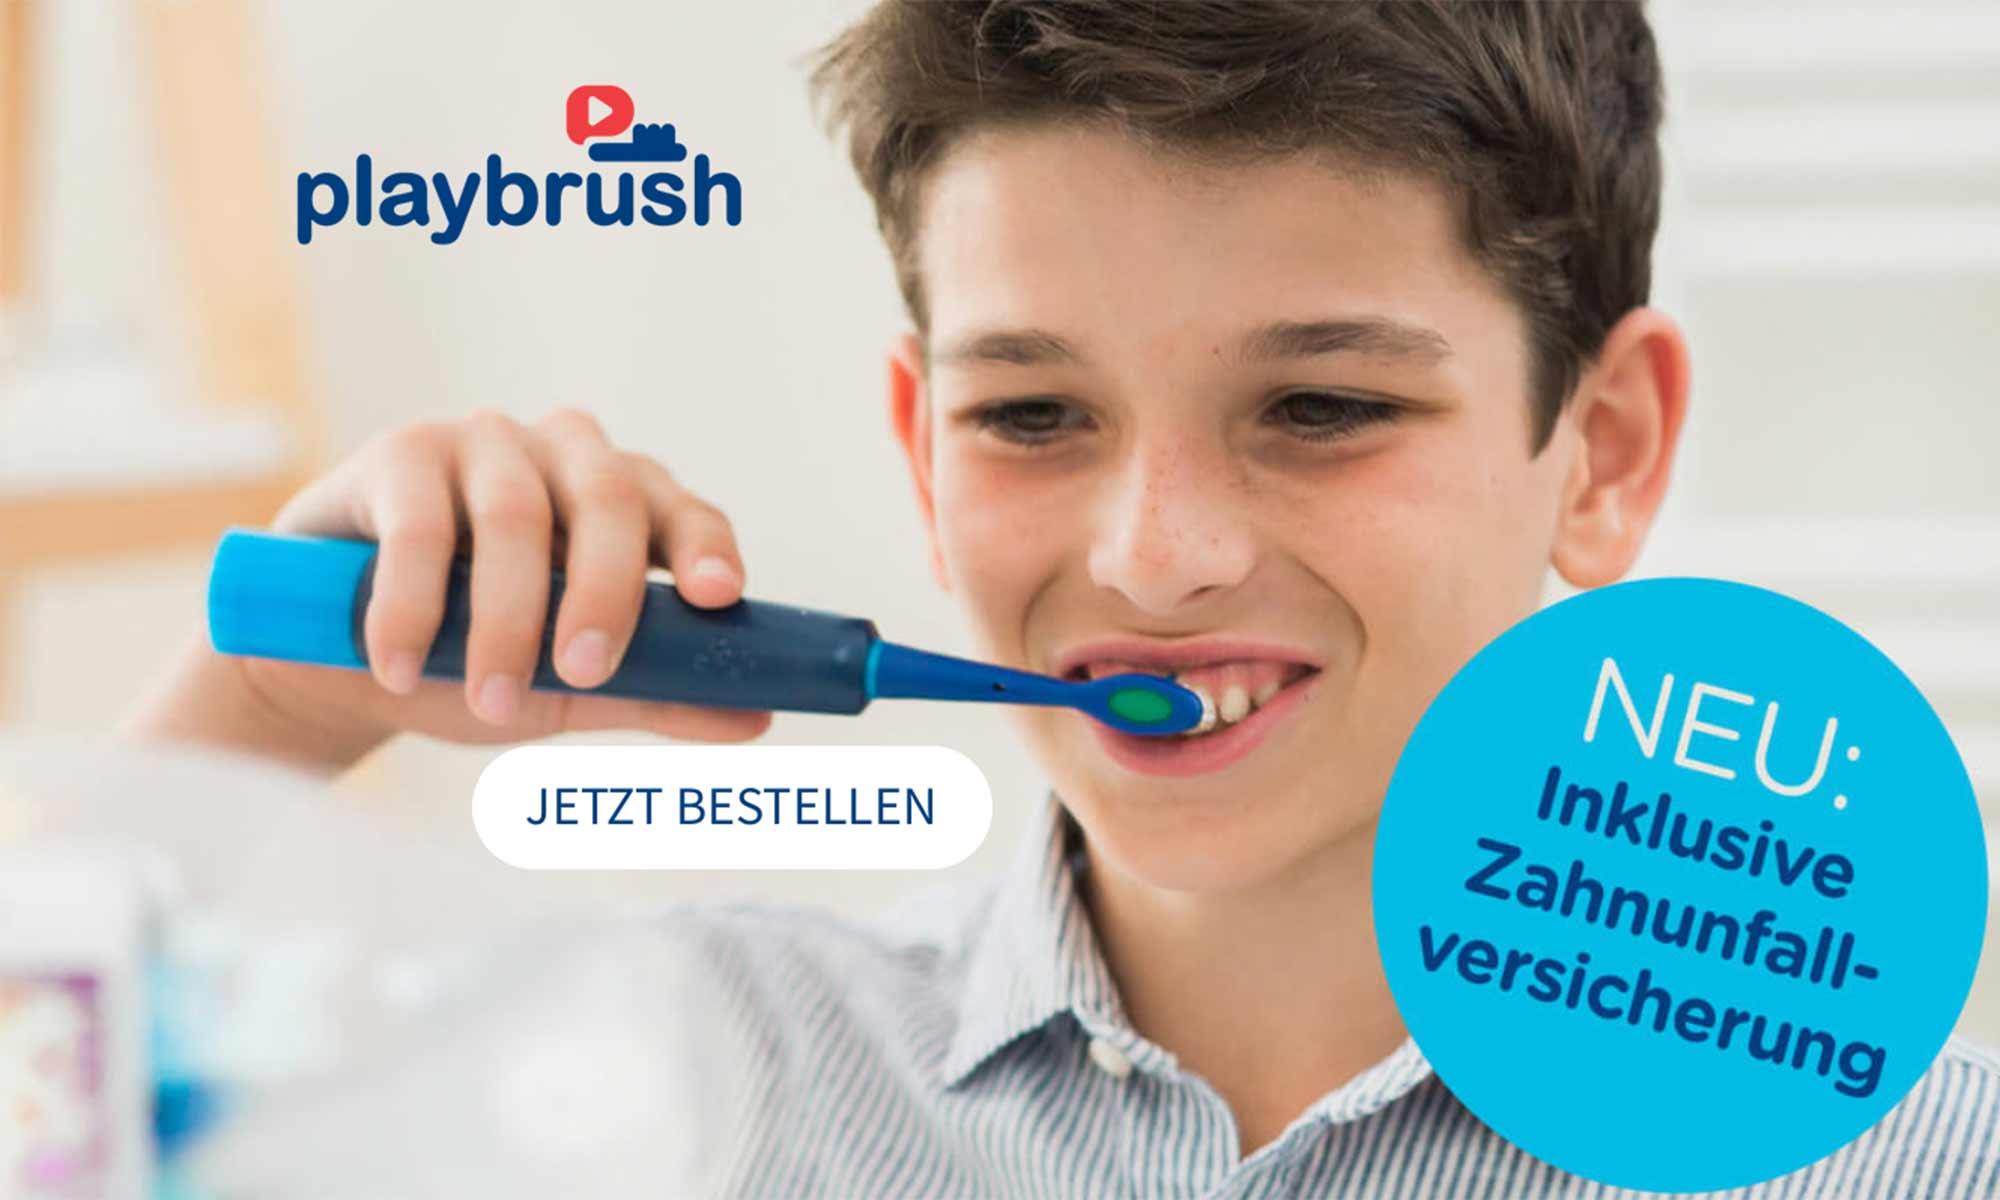 Zahnunfallversicherung für Playbrush Kunden